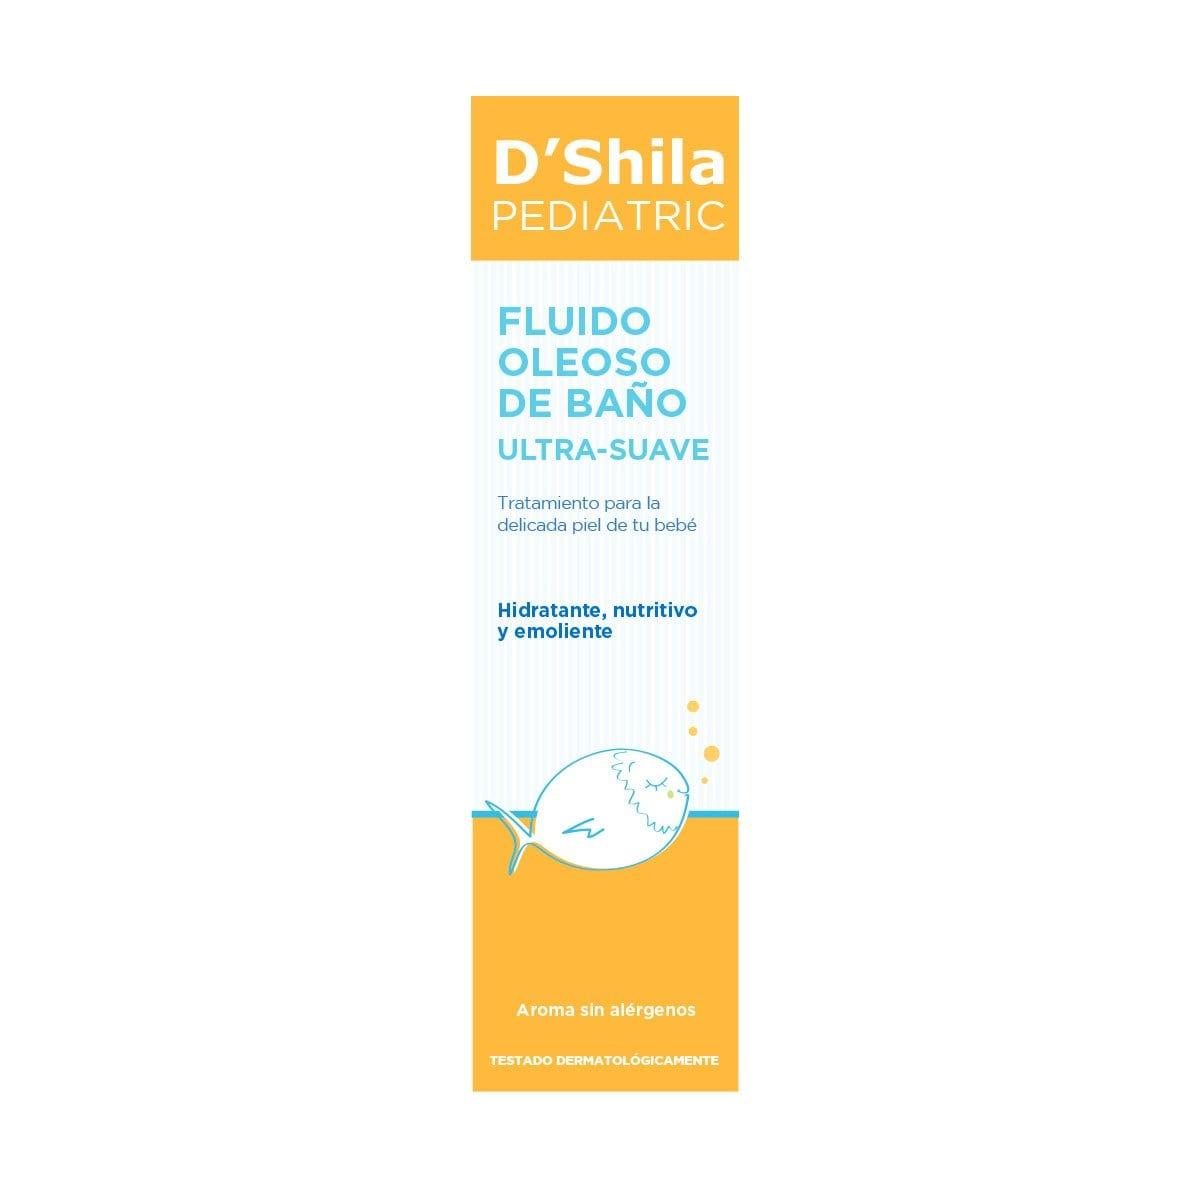 FLUIDO OLEOSO DE BAÑO ULTRA-SUAVE